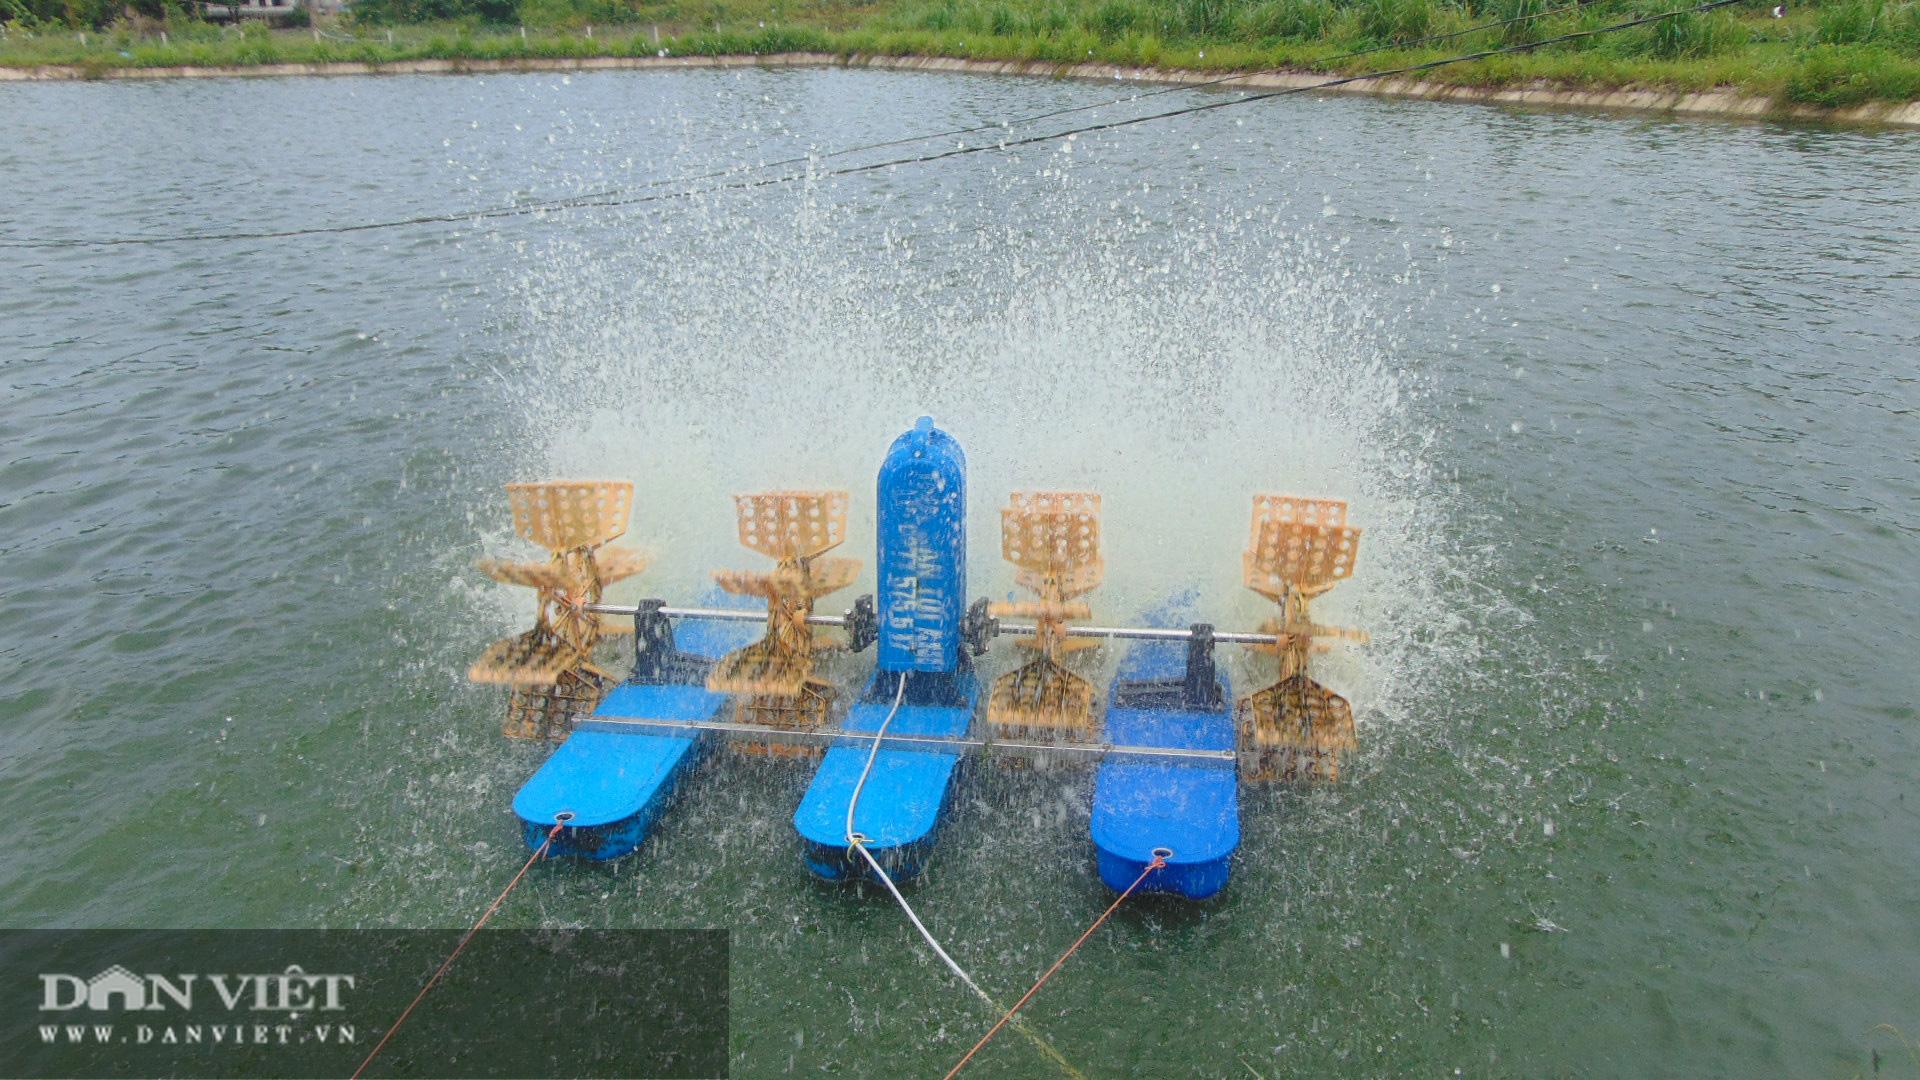 Thái Nguyên: Lão nông thu trăm triệu mỗi năm từ nuôi cá thả ao - Ảnh 4.